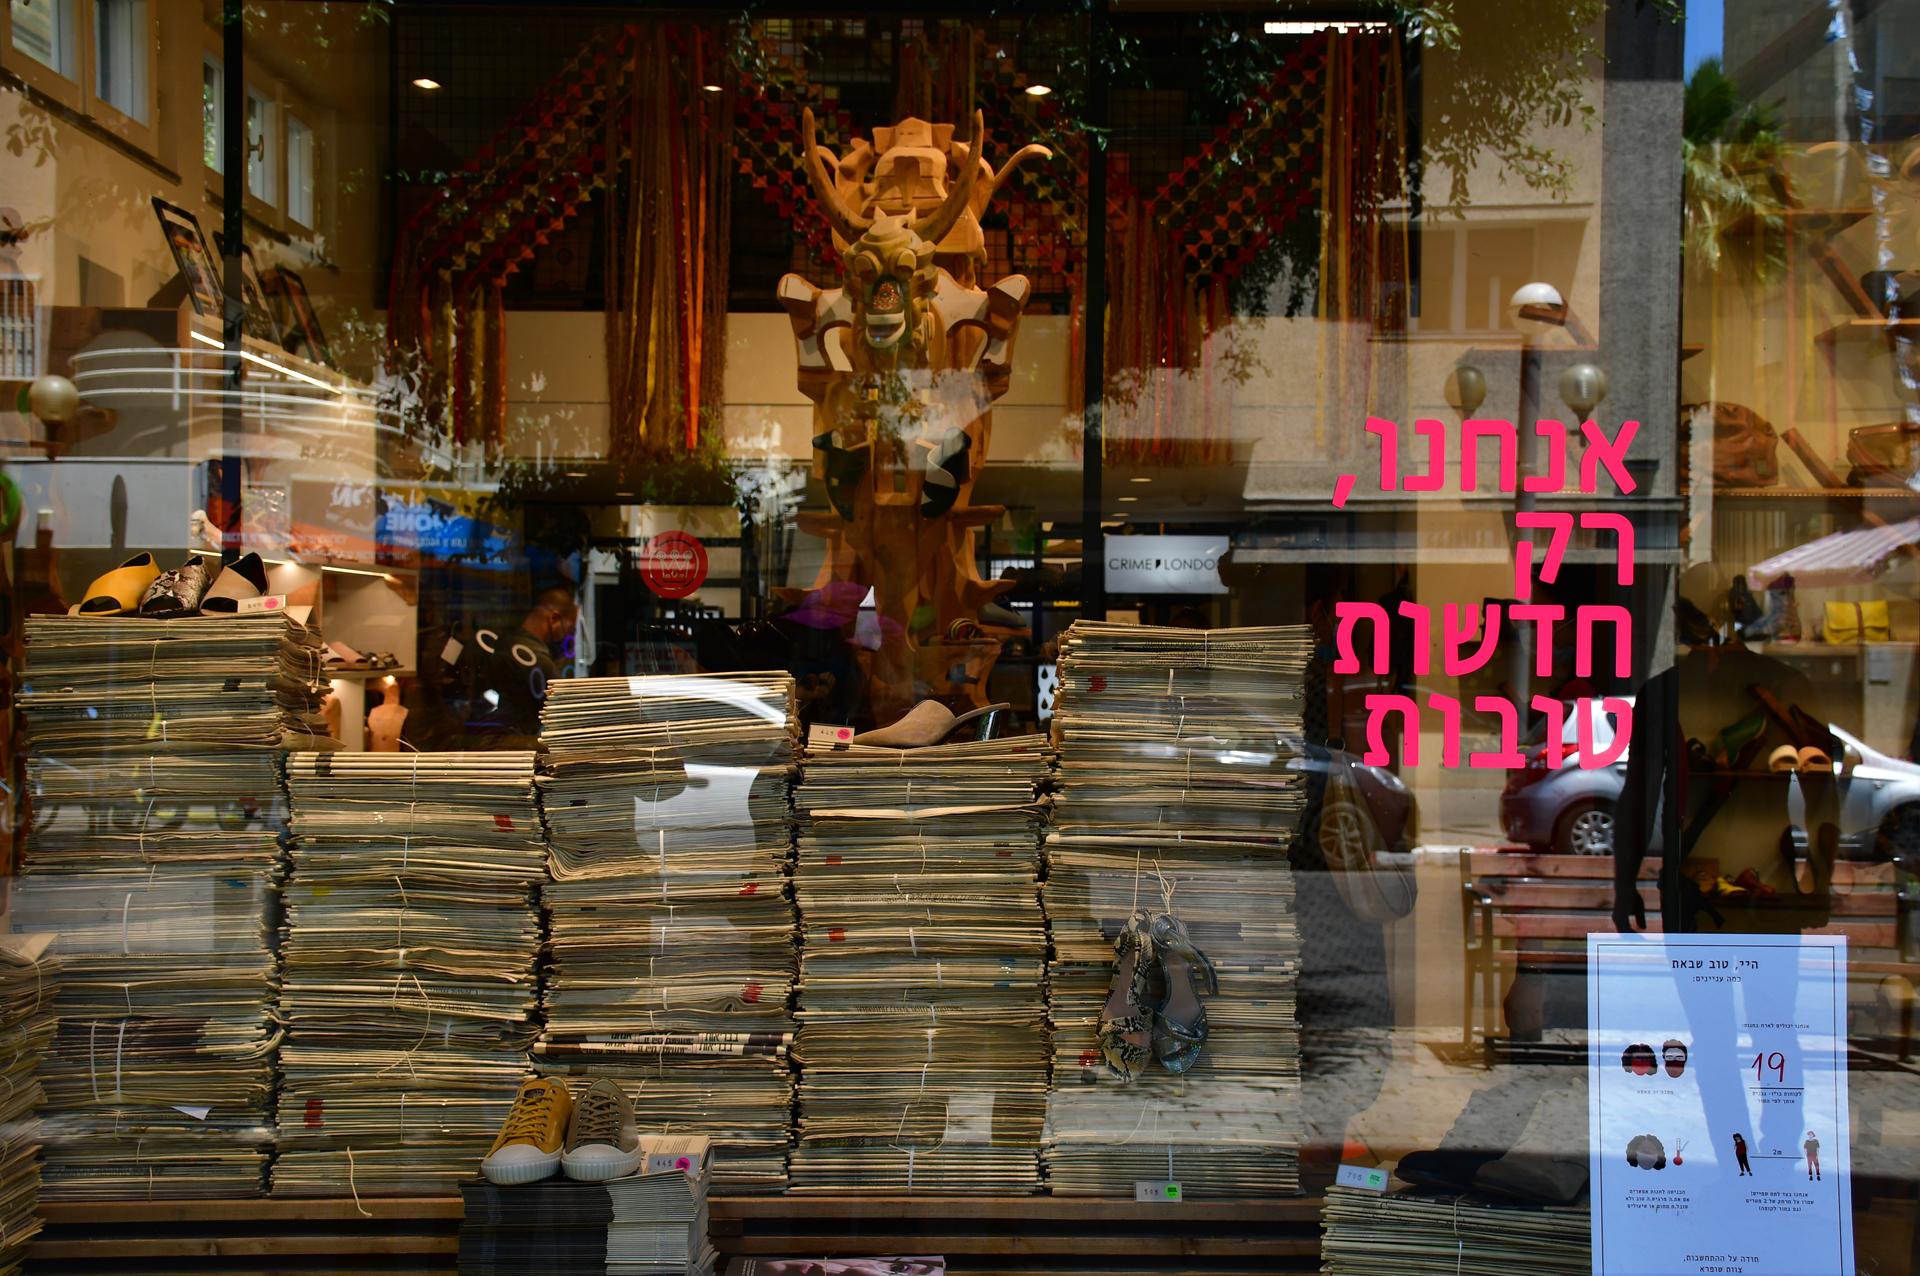 יואל שתרוג - אדמה יוצרת - yoel sitruk -חלון ראווה - דיזינגוף תל אביב - חדשות טובות - חלום ראווה